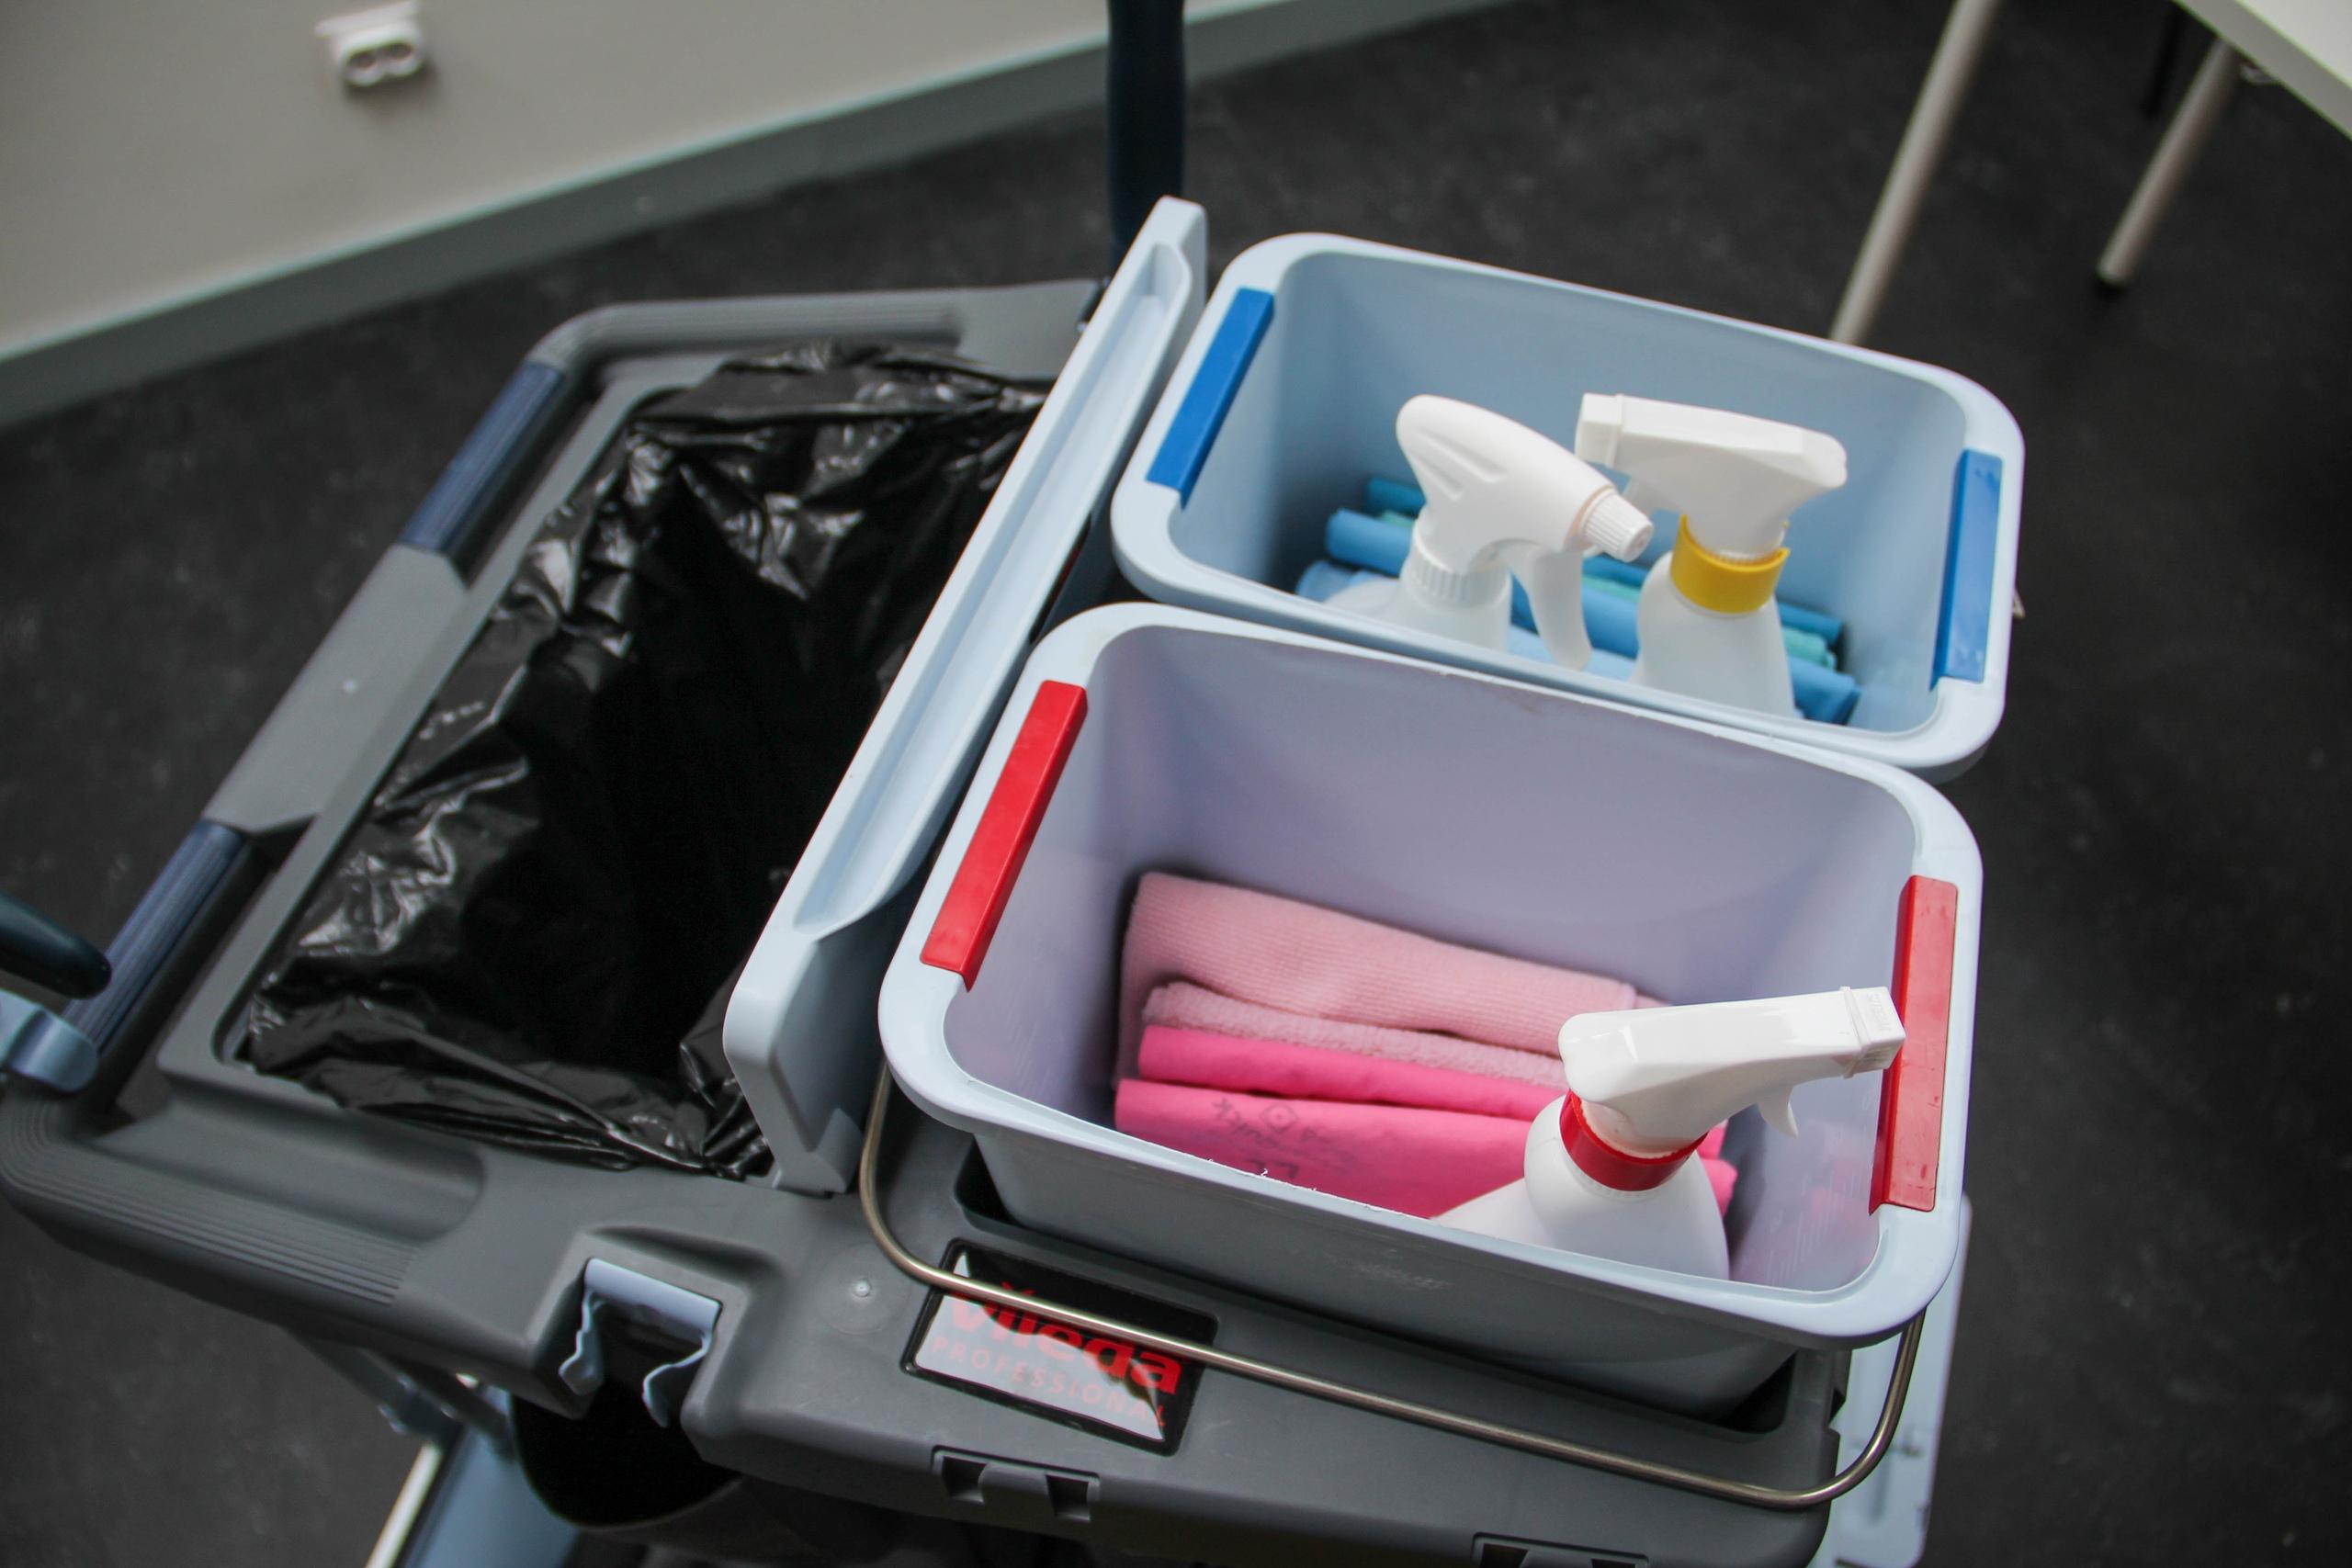 Уборка методом предварительной подготовки, изображение №6